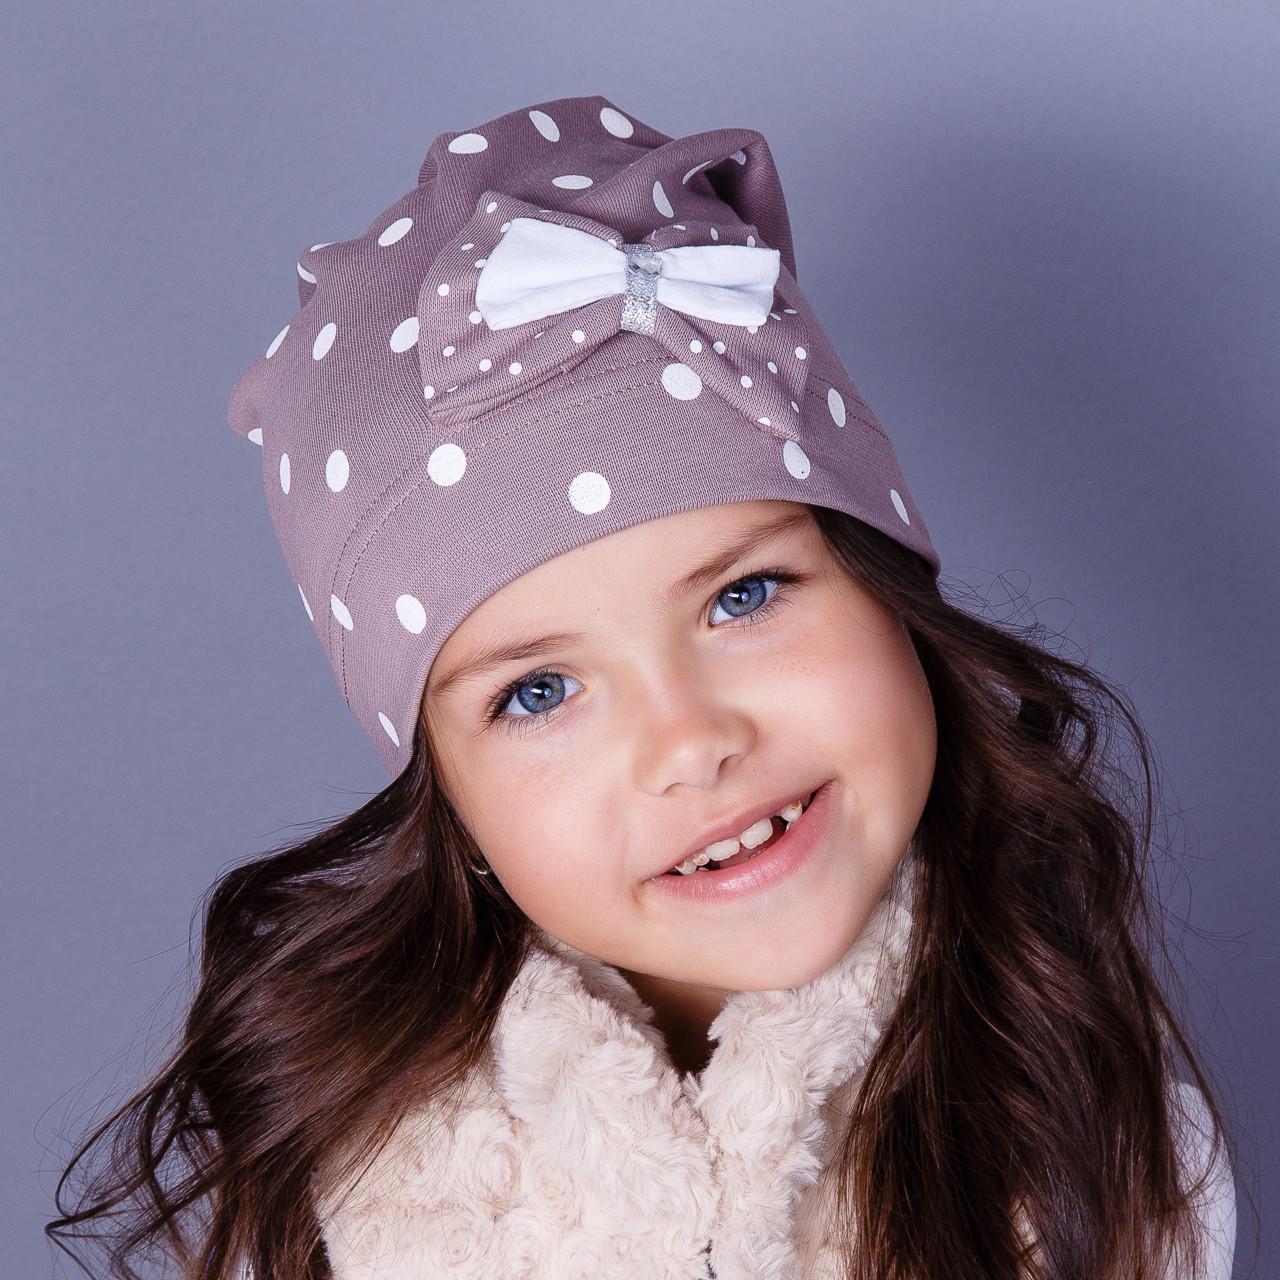 Модная шапка с бантиком для девочек оптом - весна-осень  - Артикул 1776